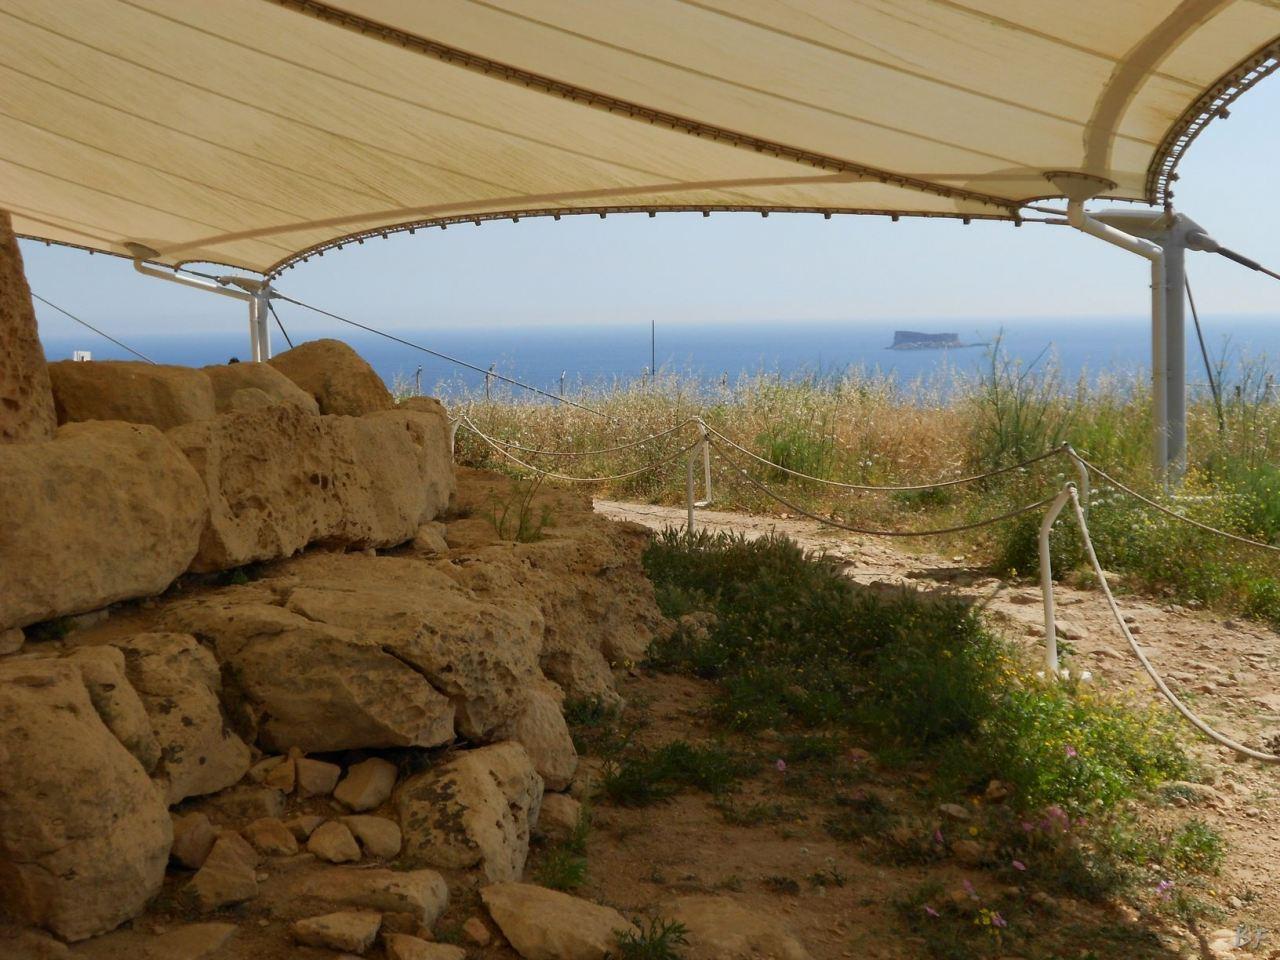 Hagar-Him-Tempio-Megalitico-Qrendi-Malta-16